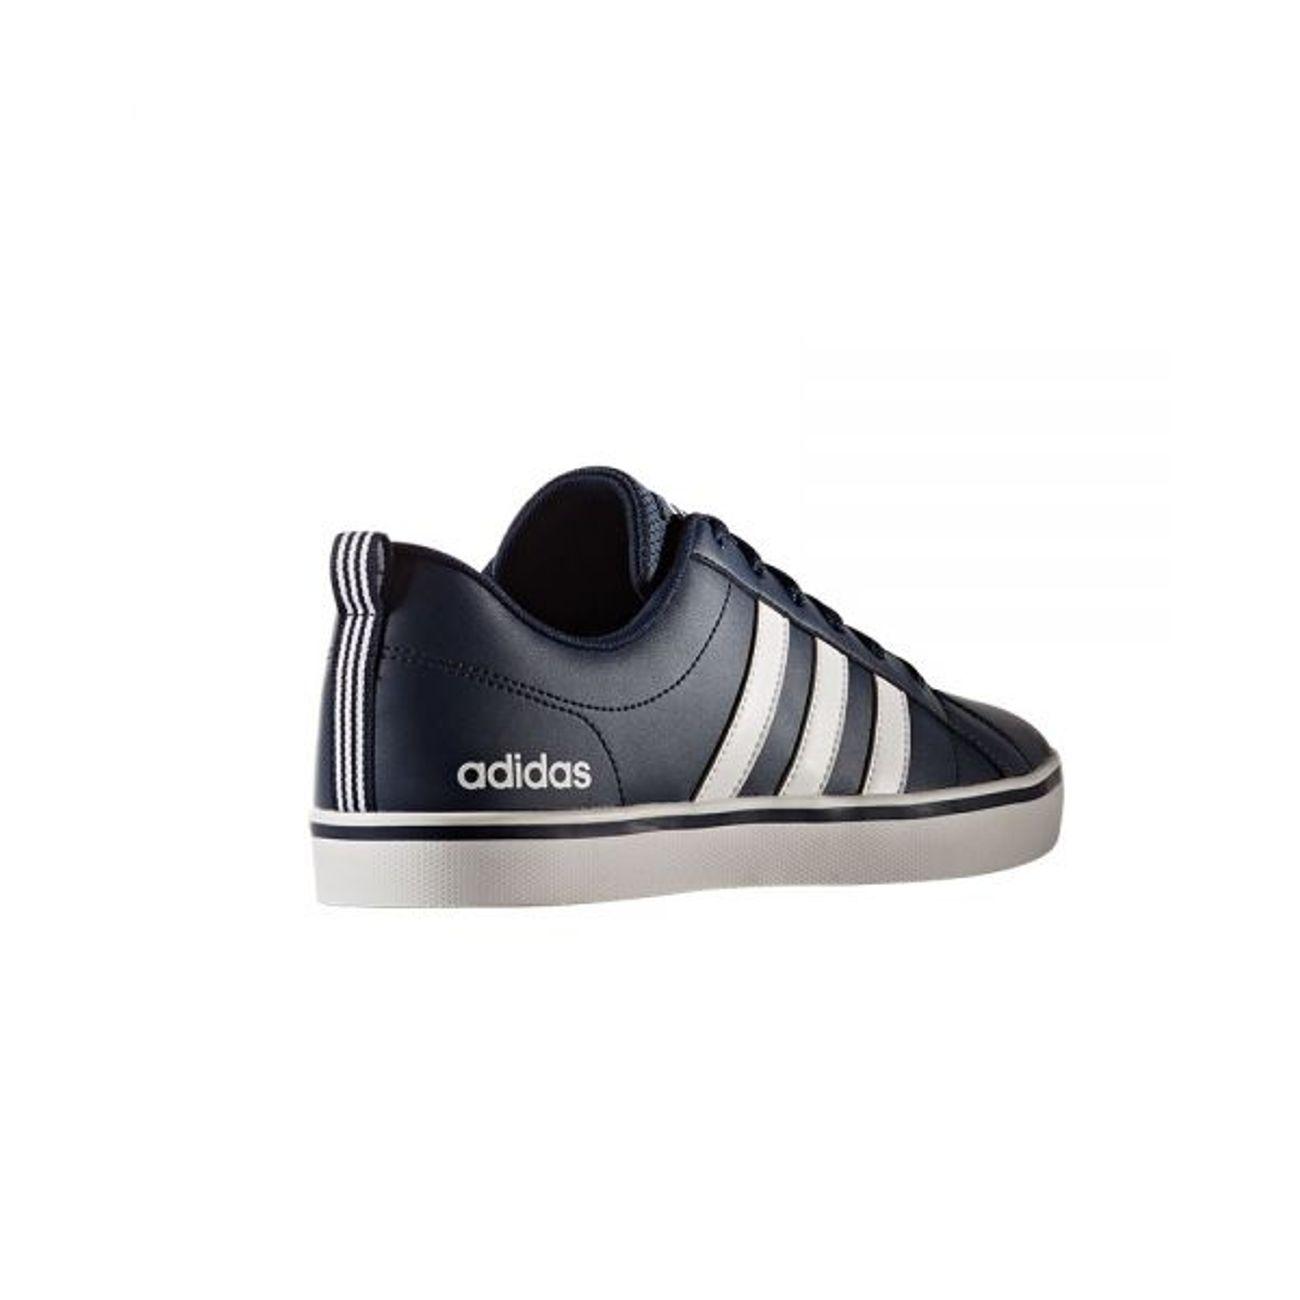 Adidas Vs Pace pas cher Achat Vente Baskets homme